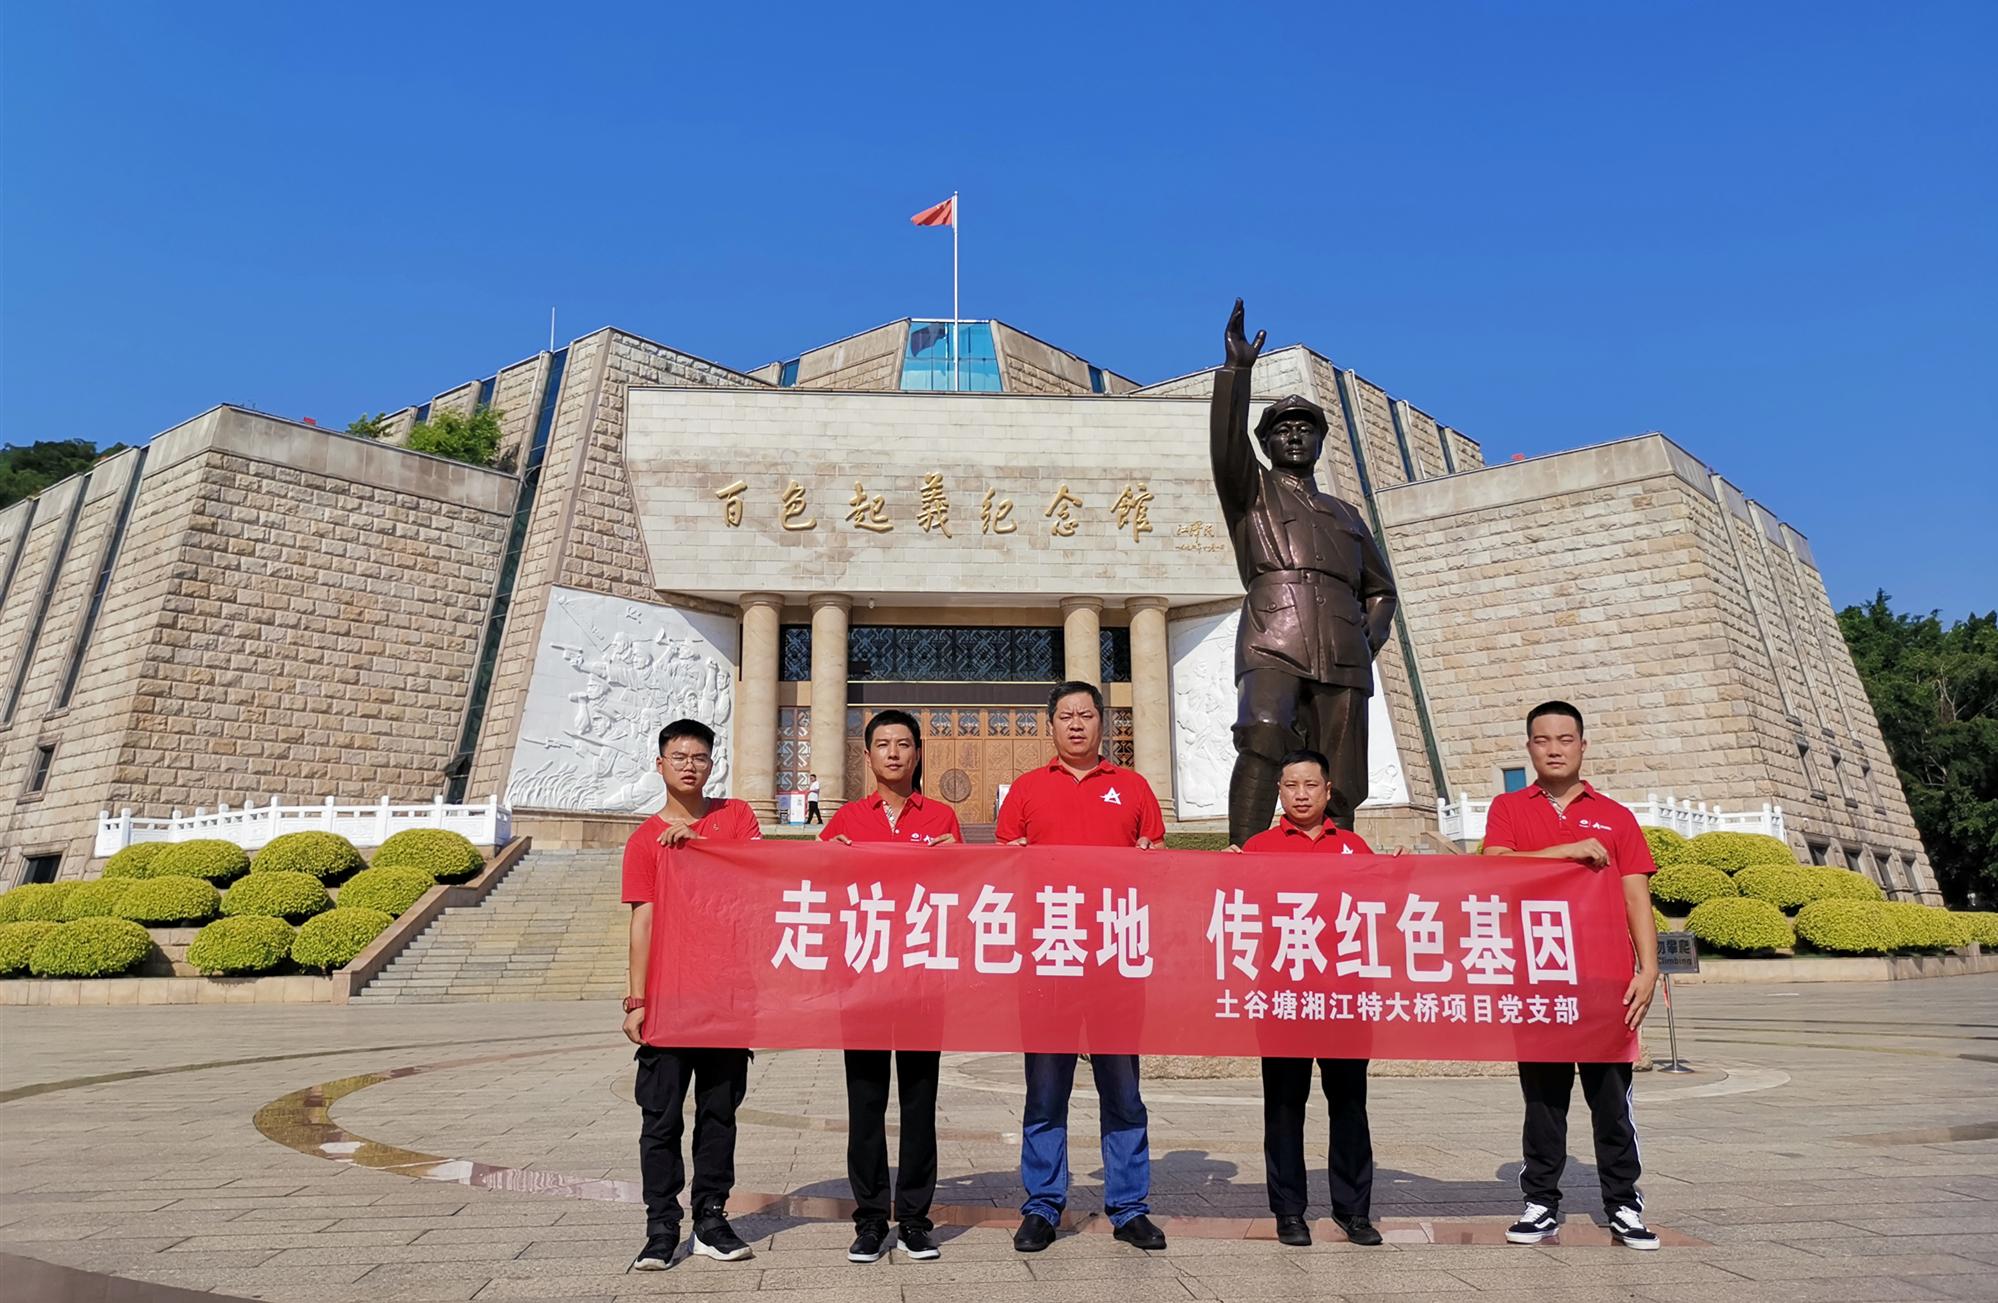 土谷塘党员在百色起义纪念馆_副本.jpg